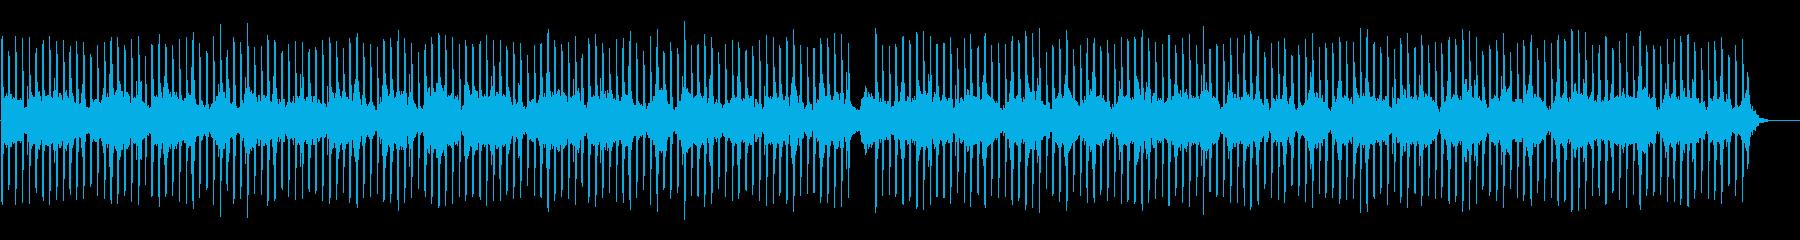 カリンバのアンビエントEDMの再生済みの波形